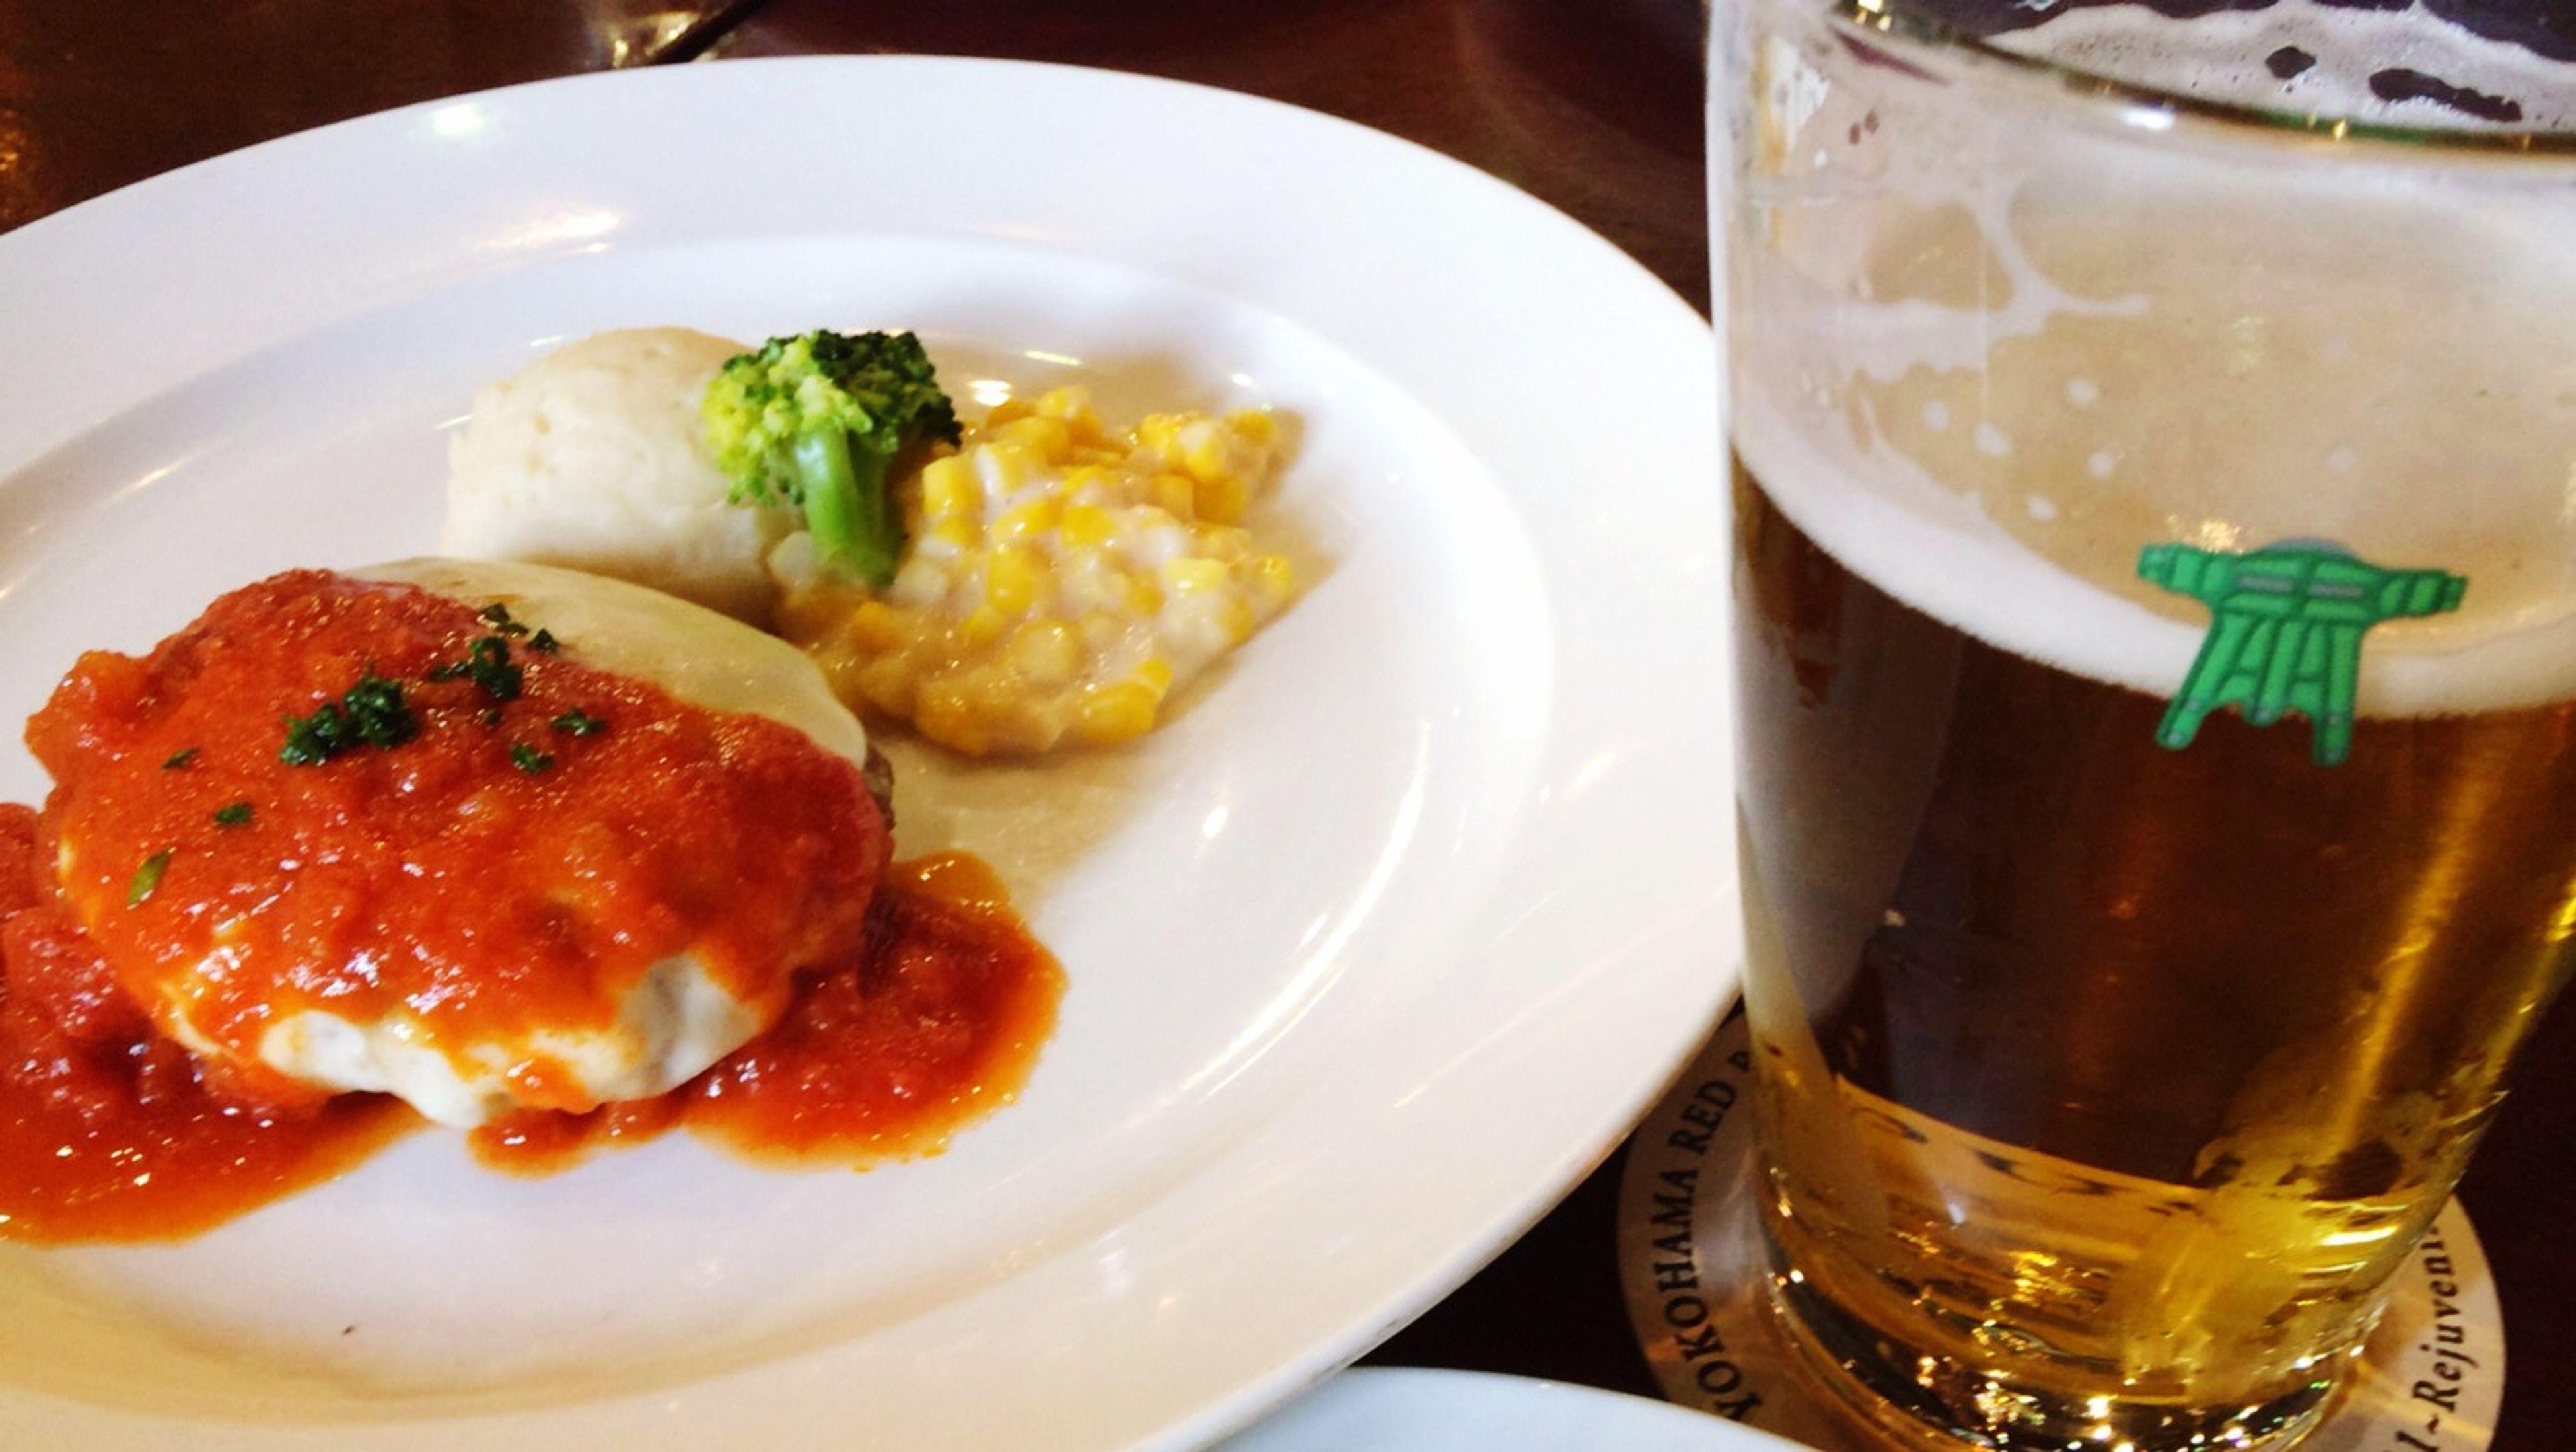 横浜ピルスナー。昼間から飲むビールは美味い Beer Lunch